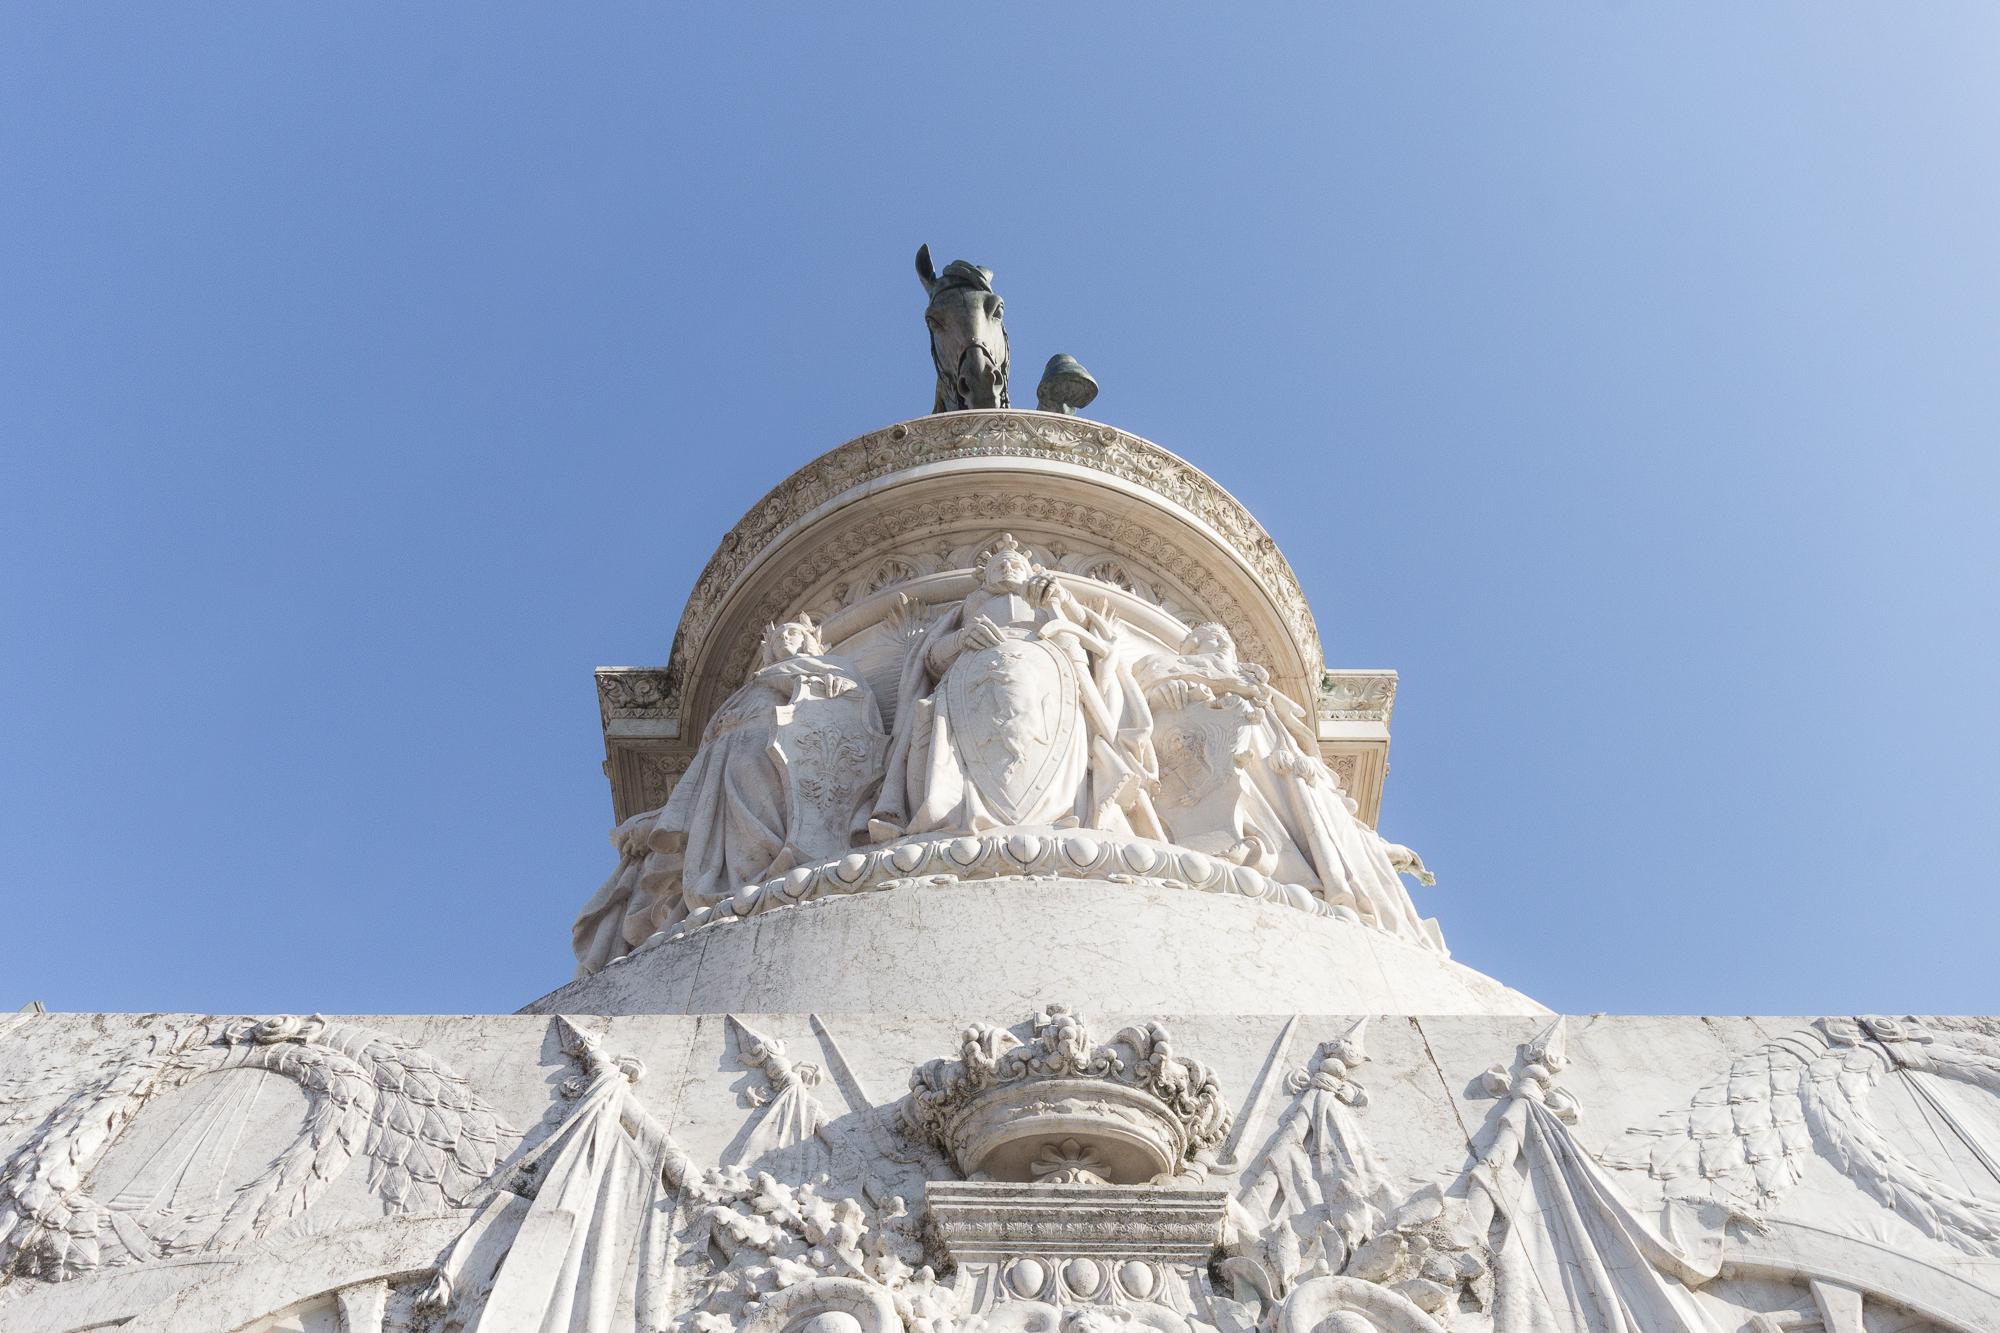 Monument à Victor-Emmanuel II, statue équestre sur son socle de marbre blanc, Rome, Italie